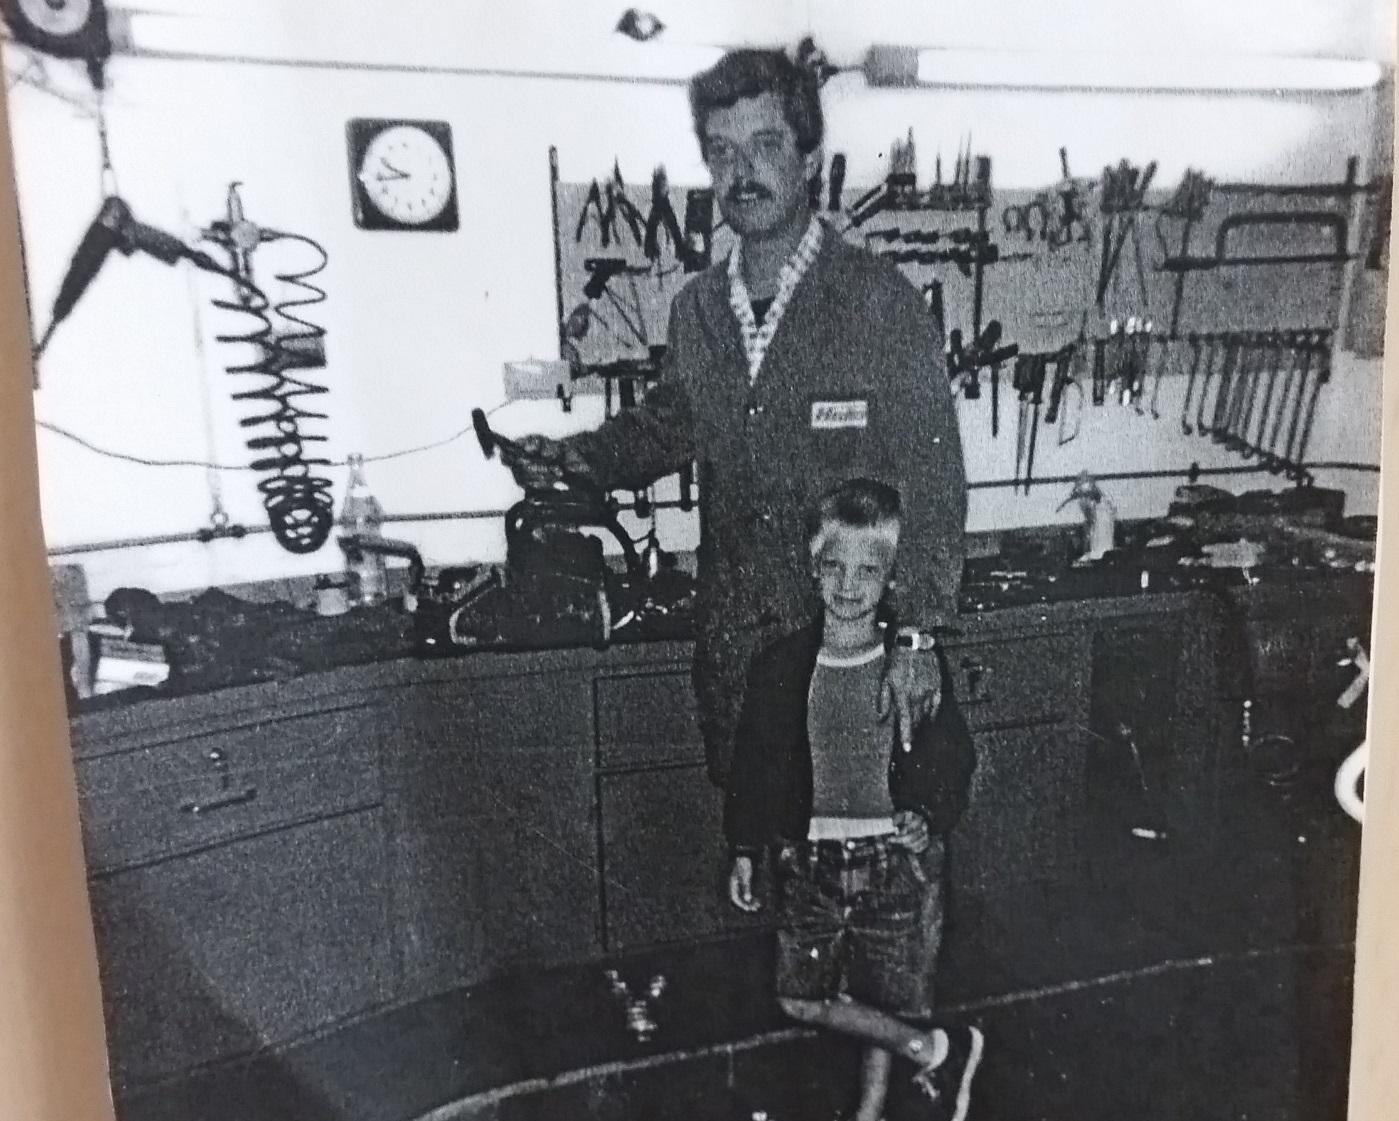 Firmengründer Hans Werth mit seinem Sohn Tobias 1985 in der Werkstatt